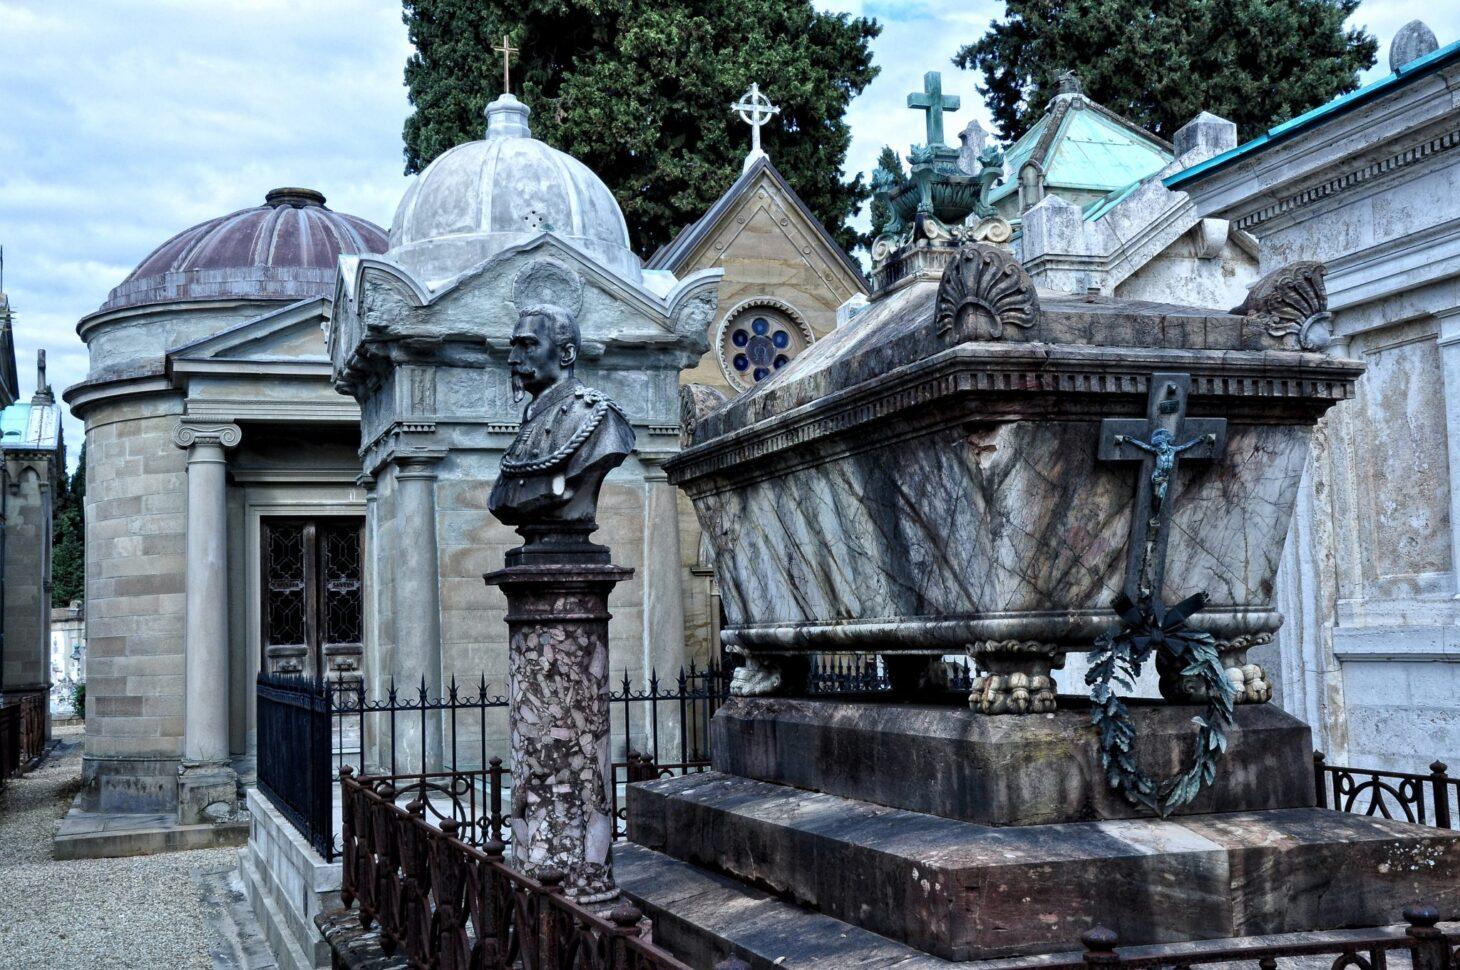 Cemetery of the Basilica di San Miniato al Monte, Florence